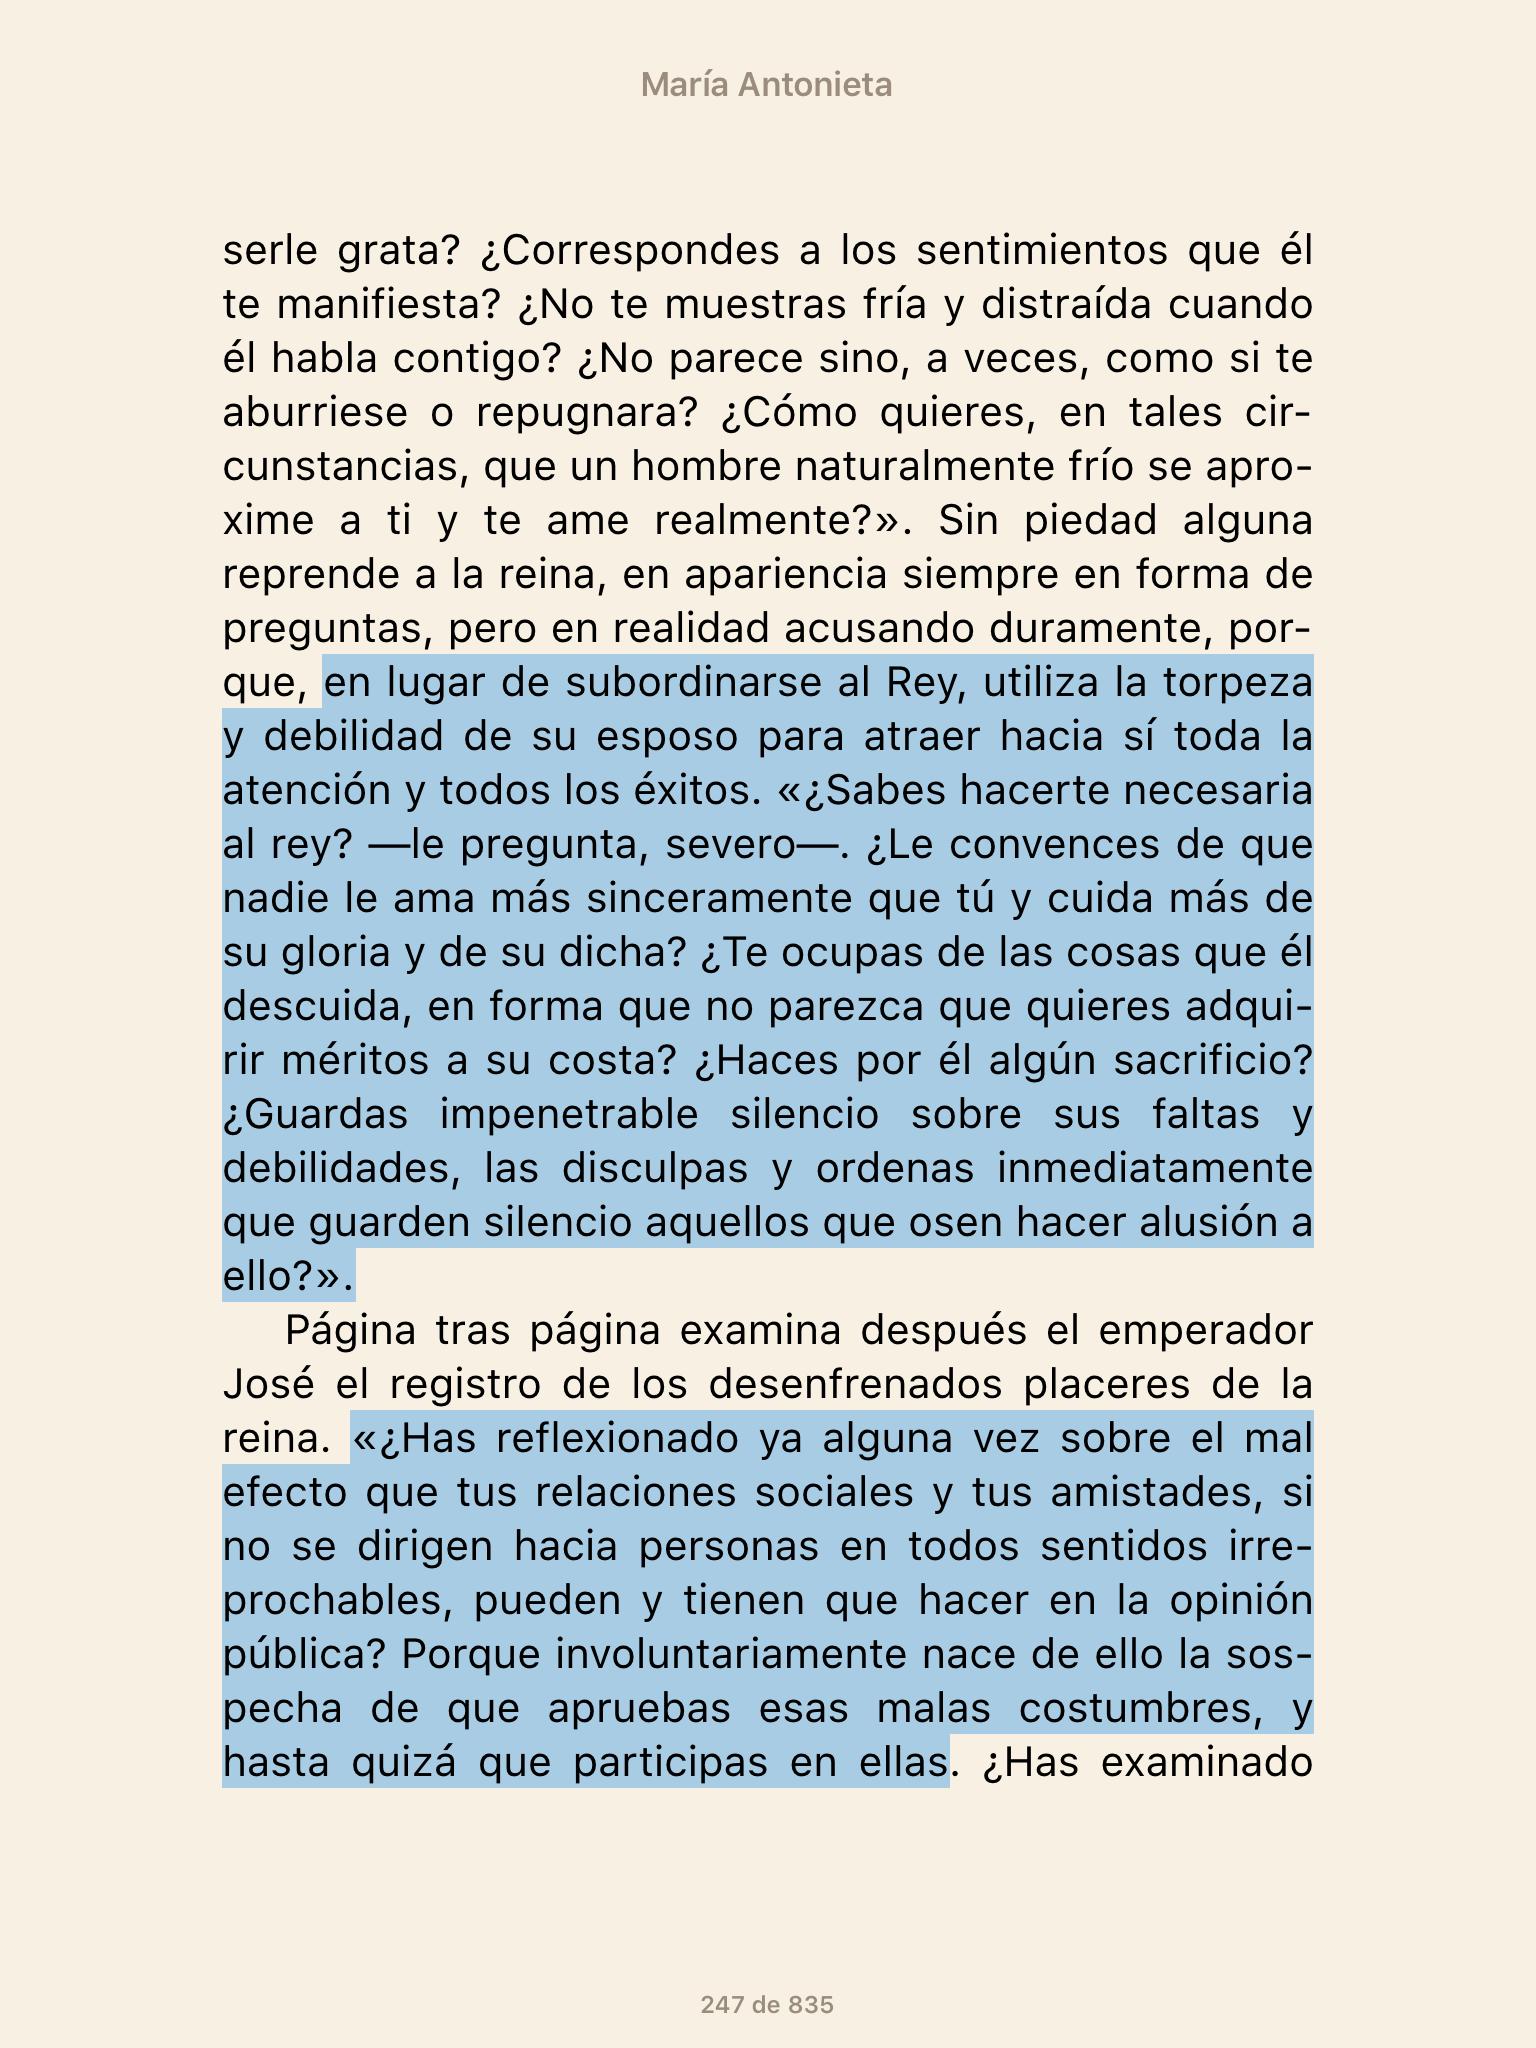 Fuente: Biografía de María Antonieta, de Stefan Zweig